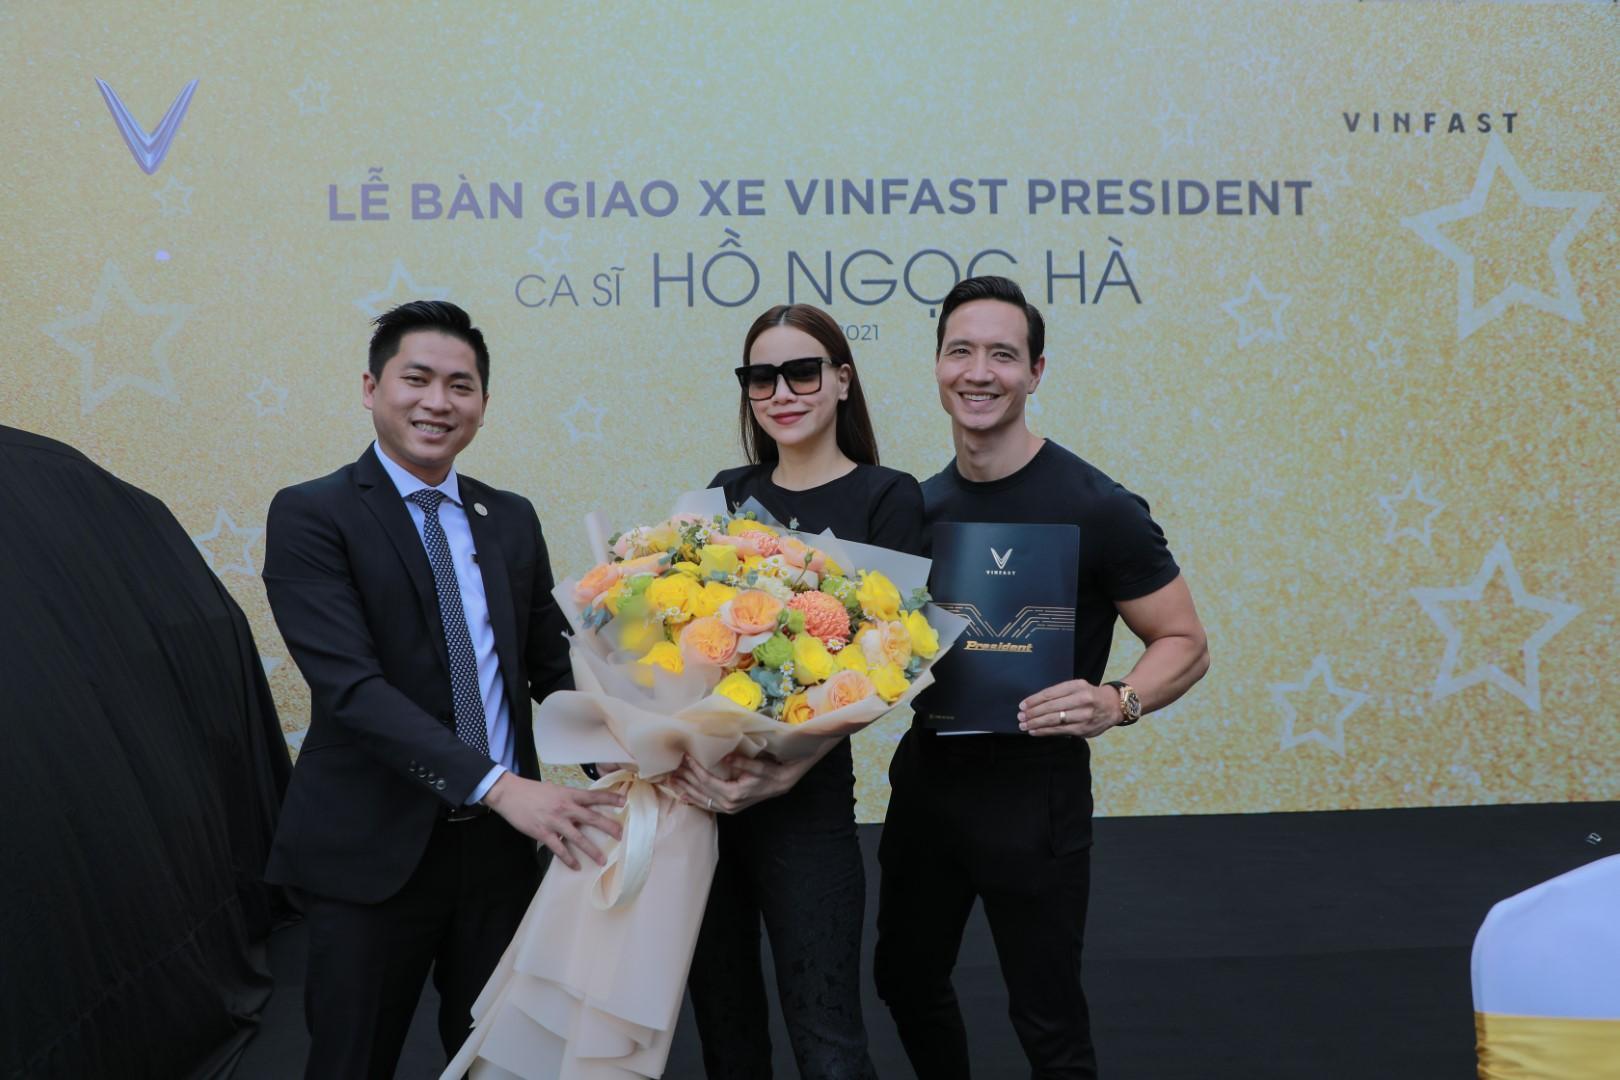 Hà Hồ và Kim Lý tiếp tục ủng hộ thương hiệu Việt khi sở hữu thêm VinFast President - Ảnh 1.